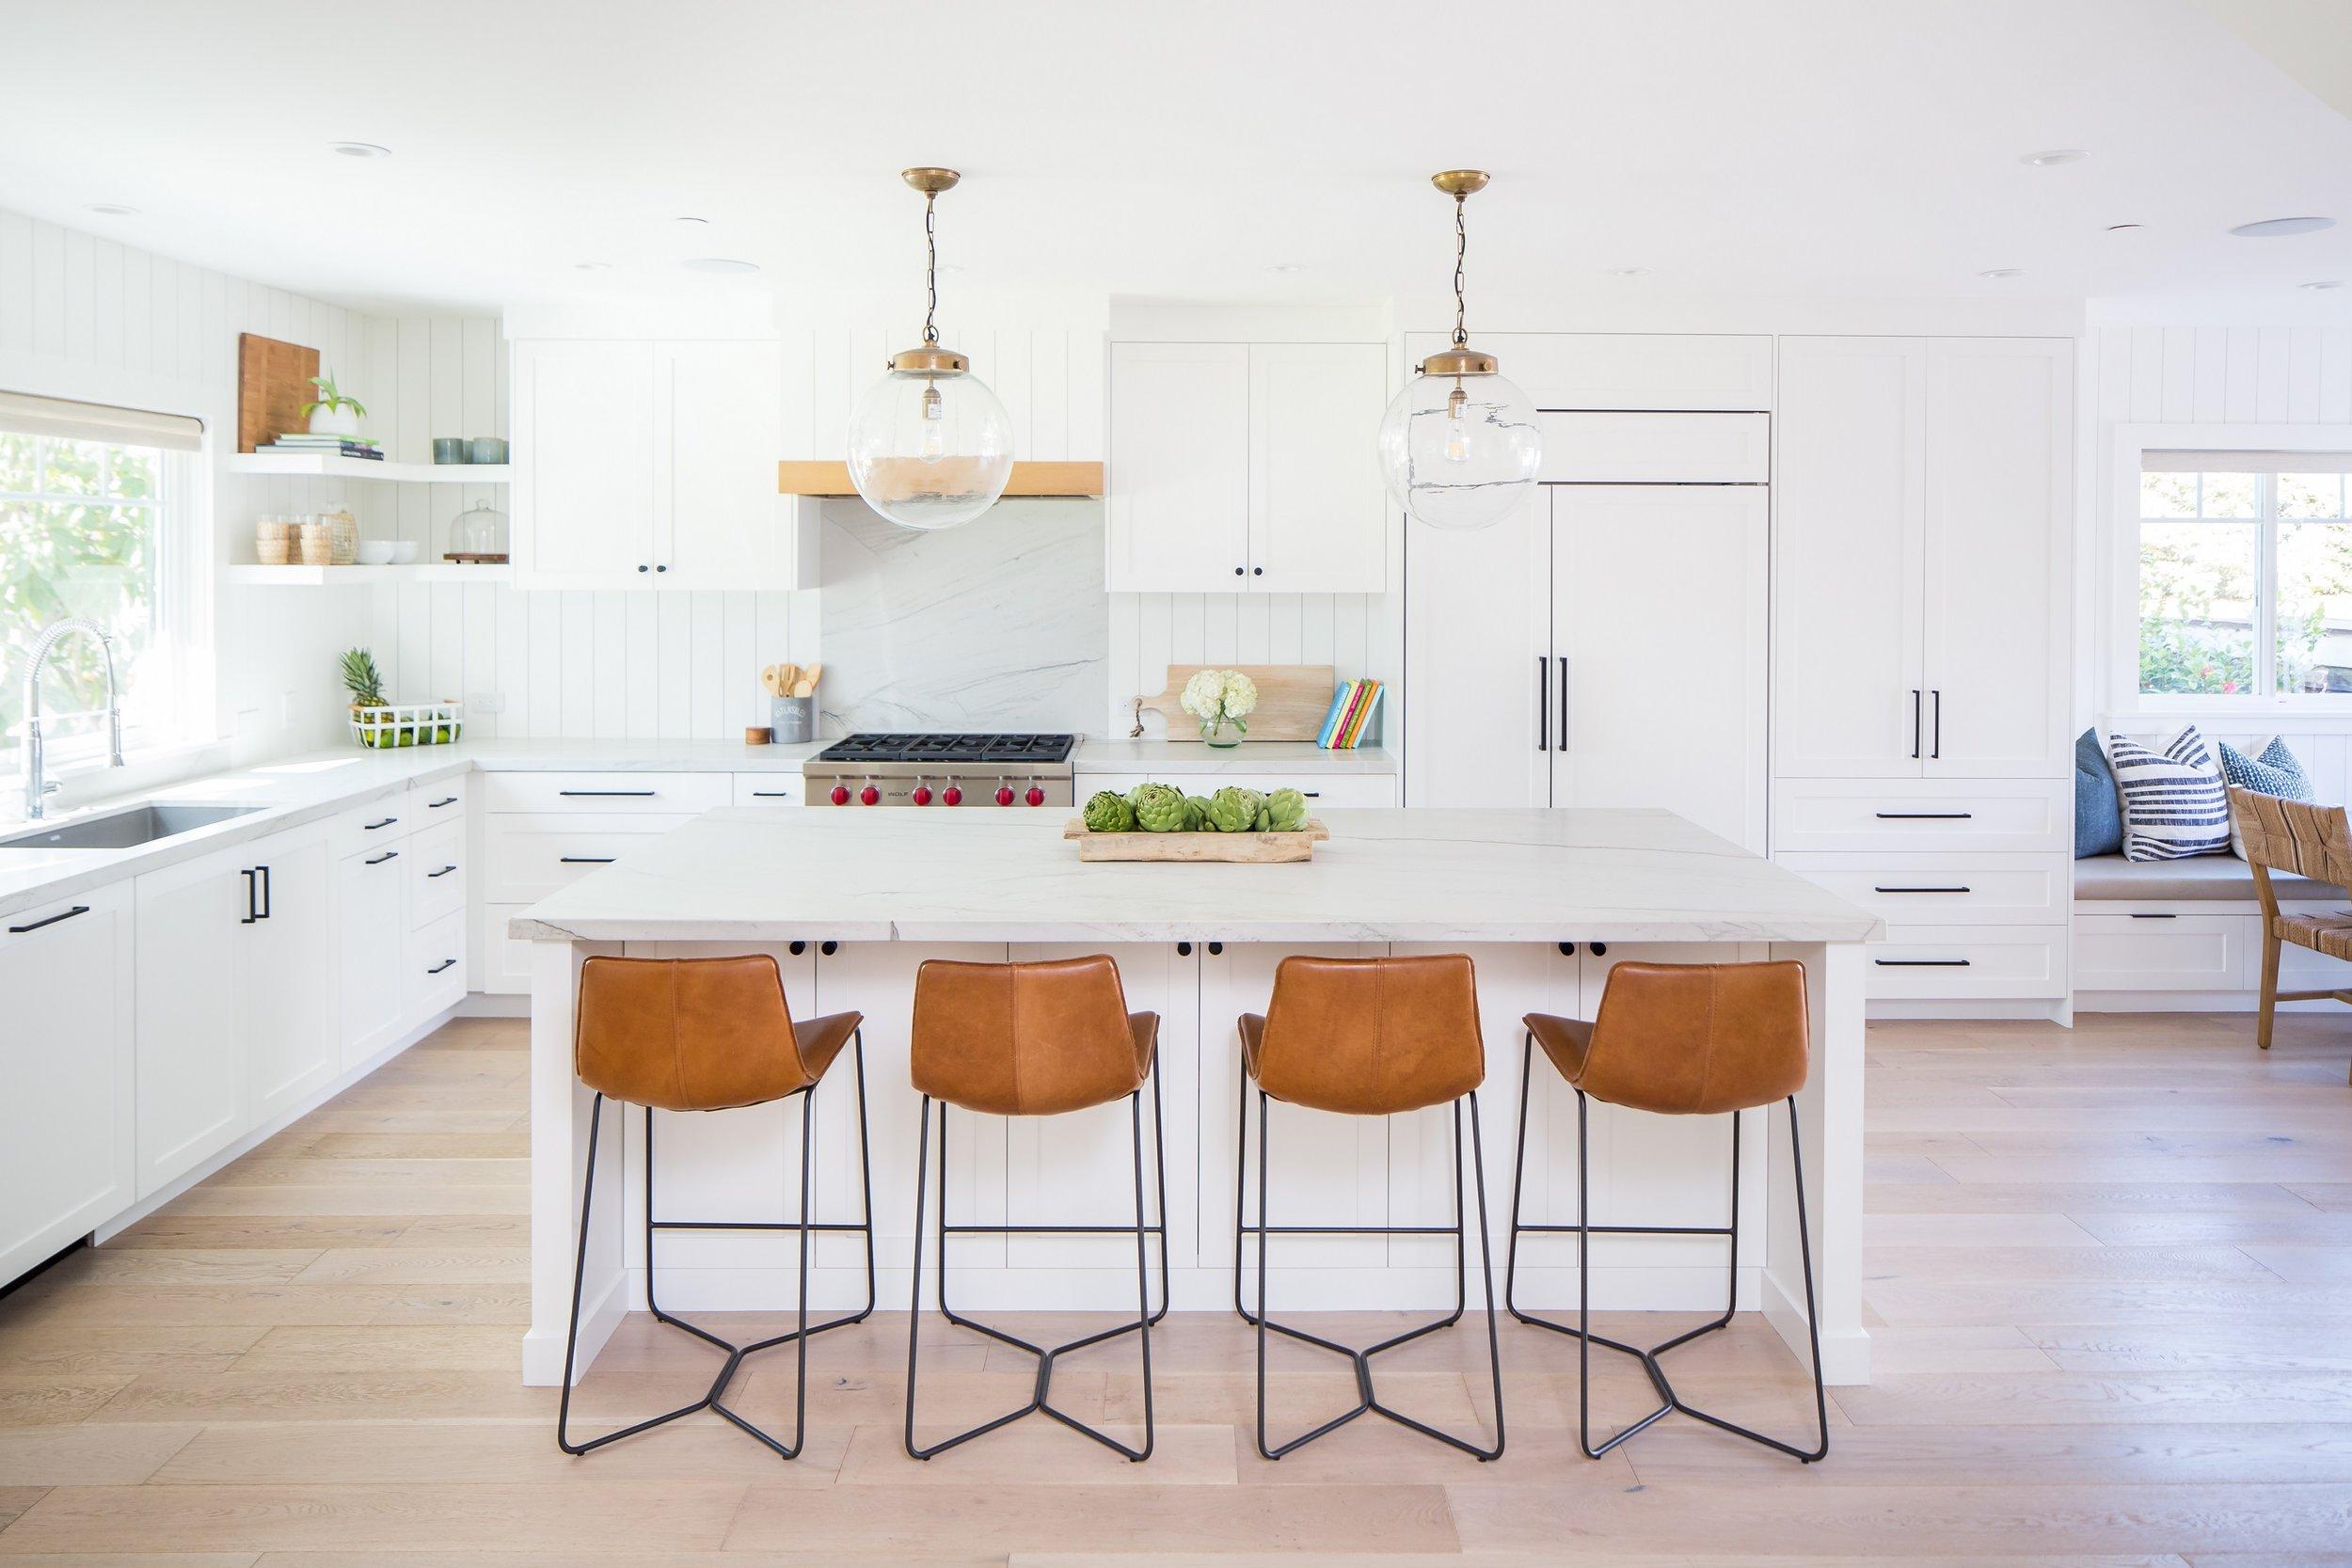 Roca Vista Residence - Coastal White Kitchen by San Clemente-based interior designer Allison Merritt Design